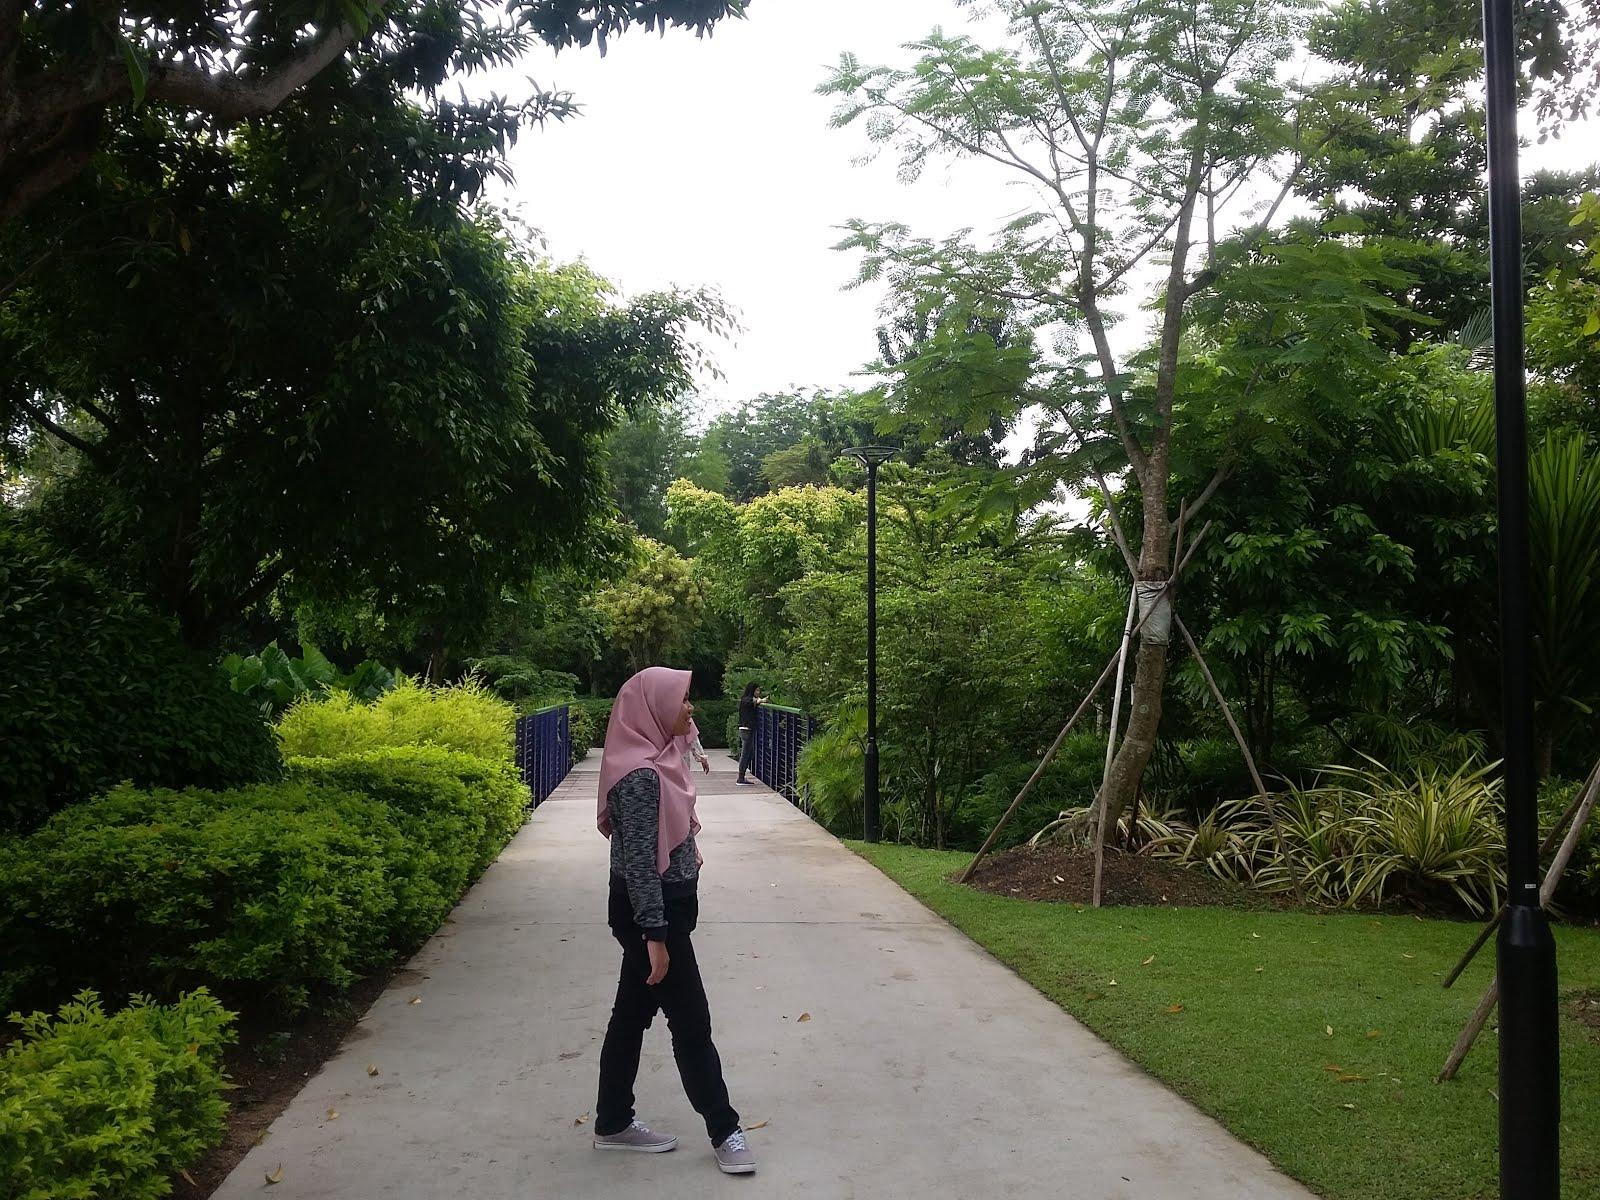 2017 Singapore 2D1N Trip